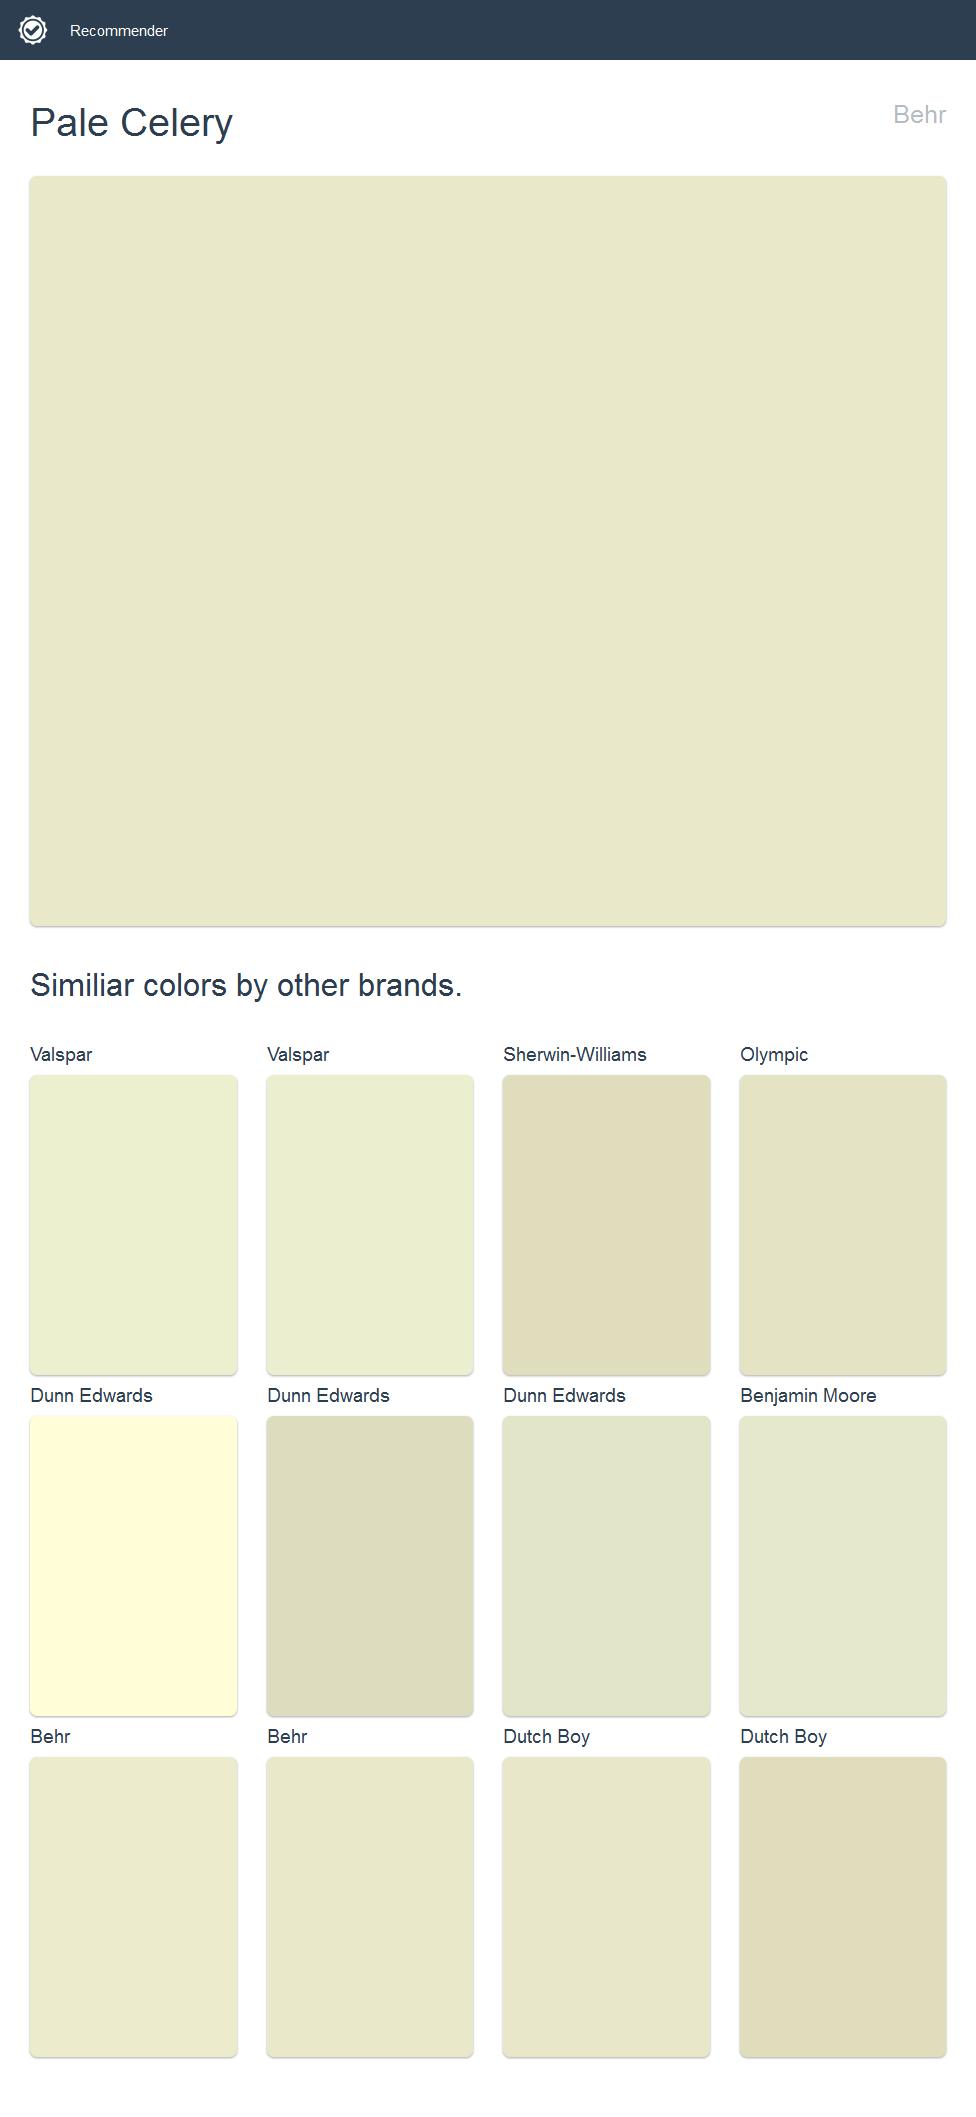 Pale Celery Behr Click The Image To See Similiar Colors By Other Brands Valspar Dutch Boy Dutch Boy Paint